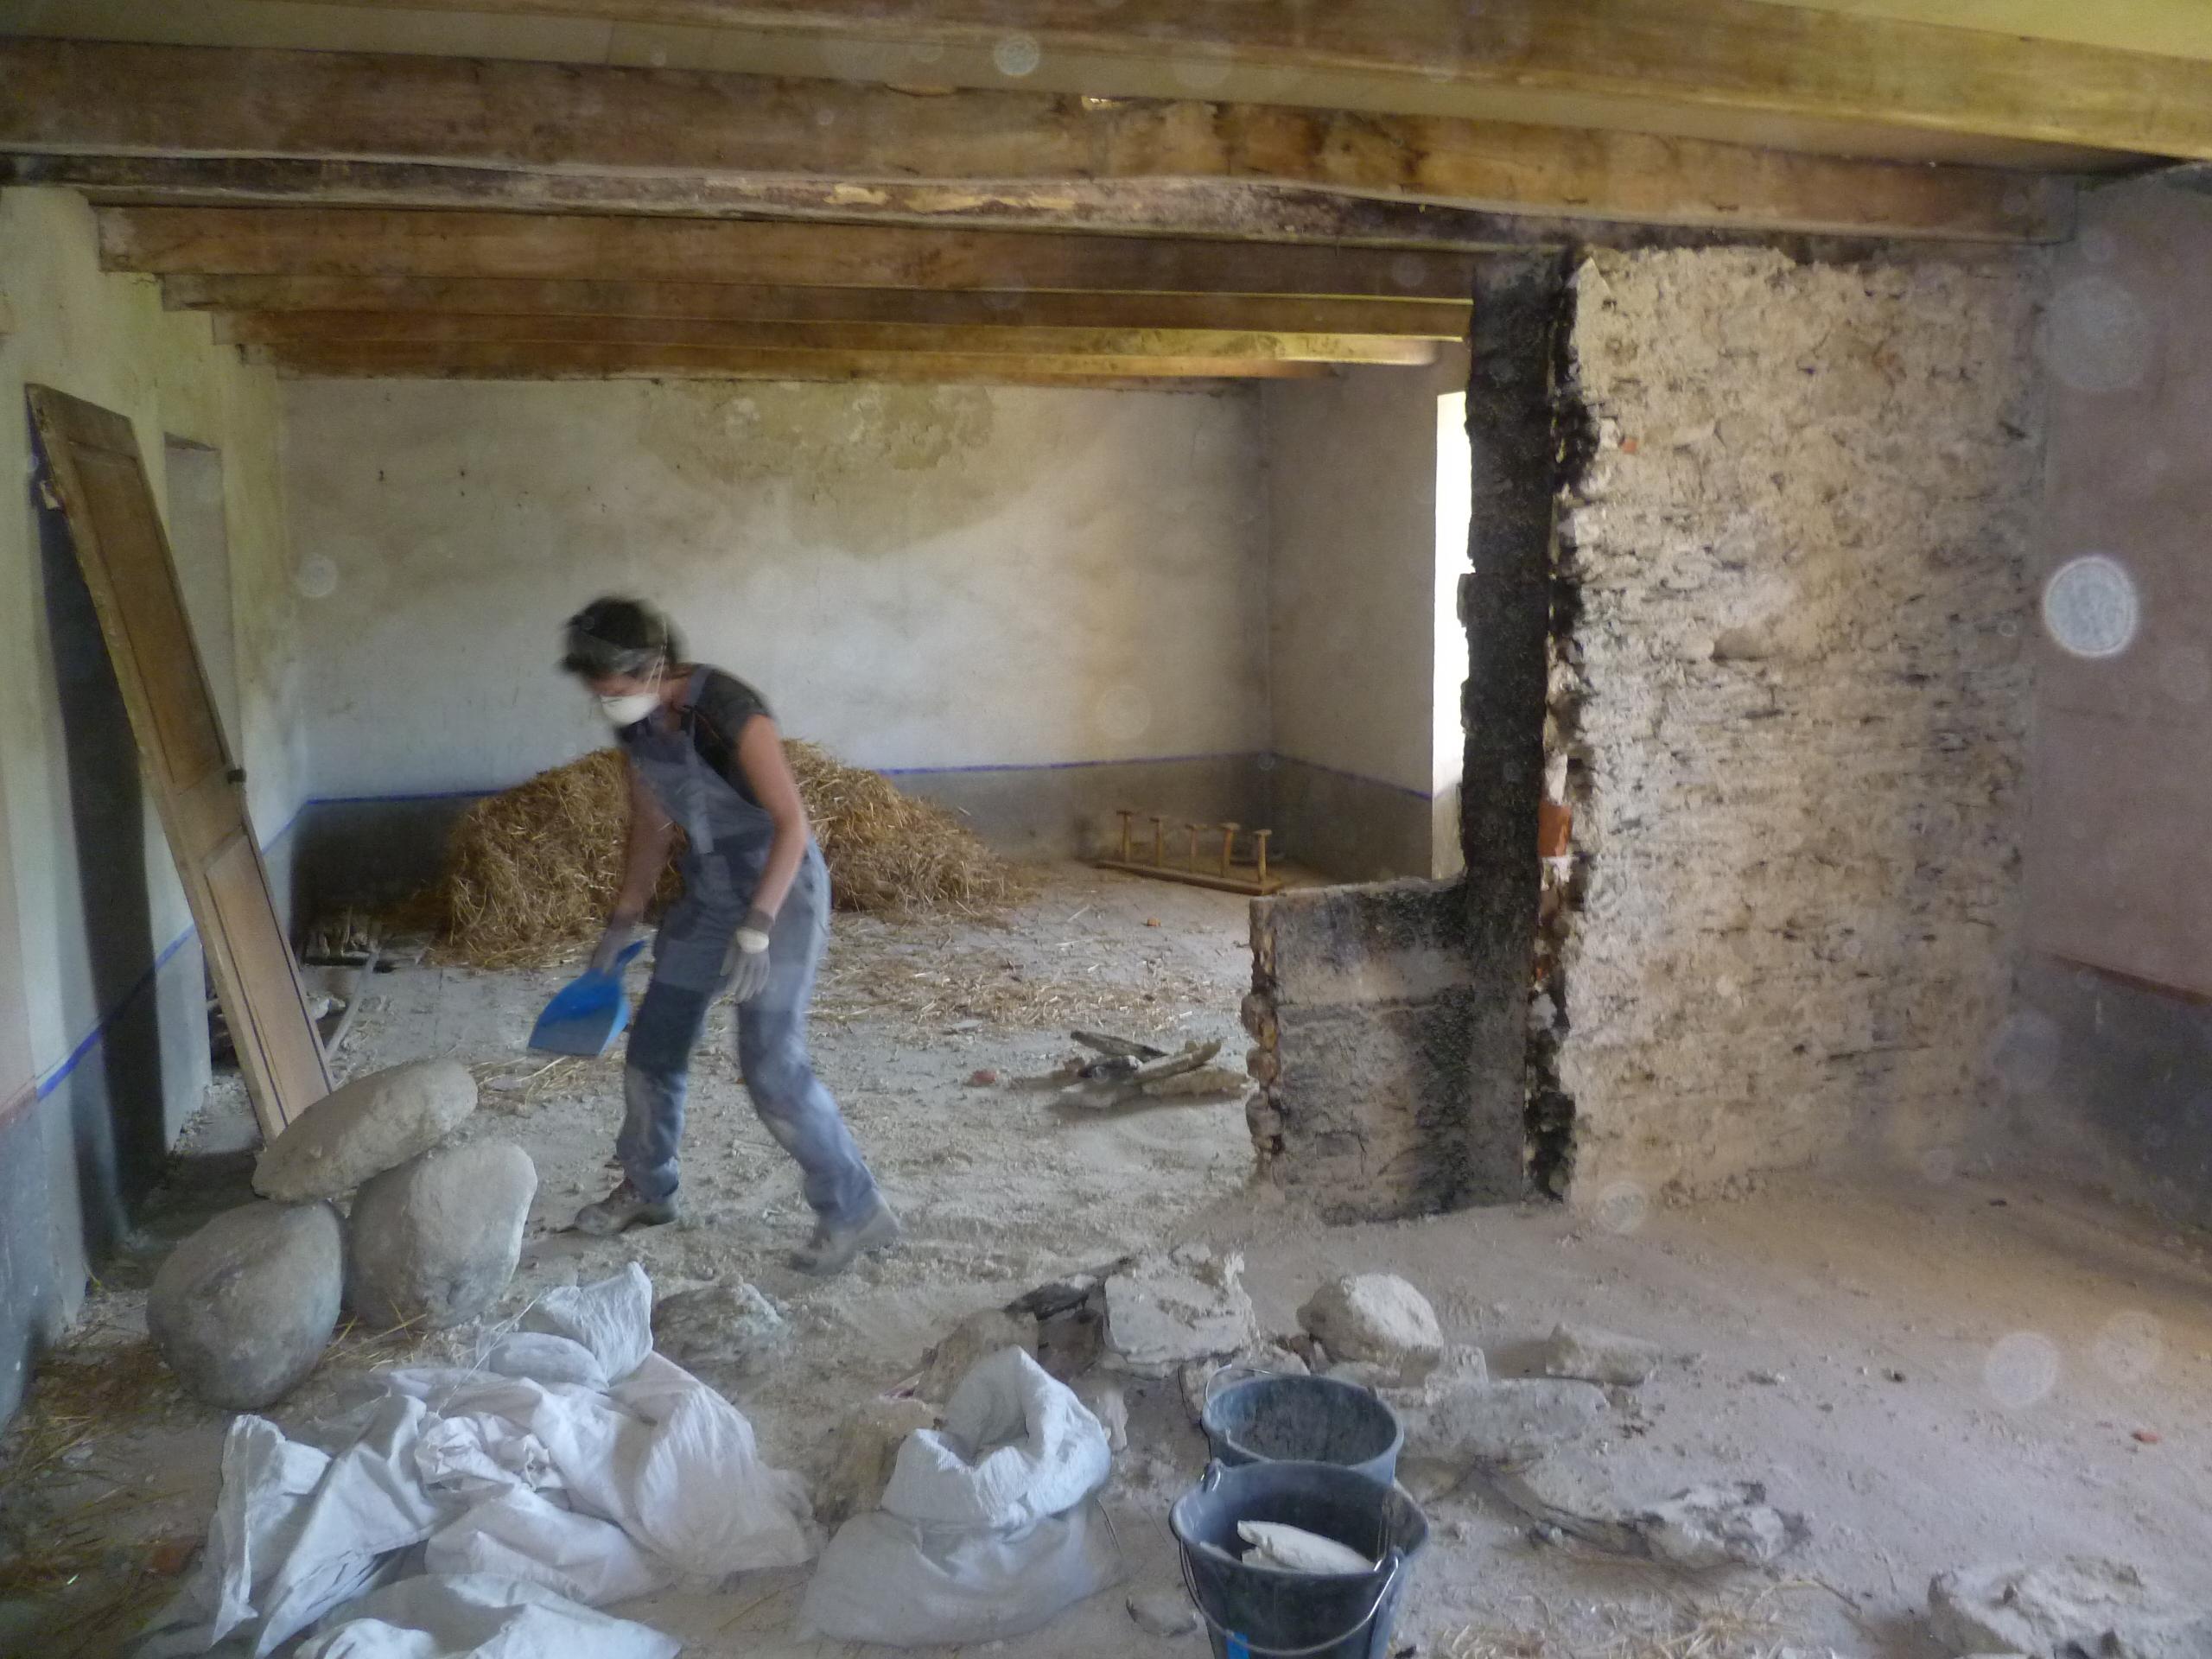 Casser le mur r novons notre maison - Ceruser une poutre de cheminee ...